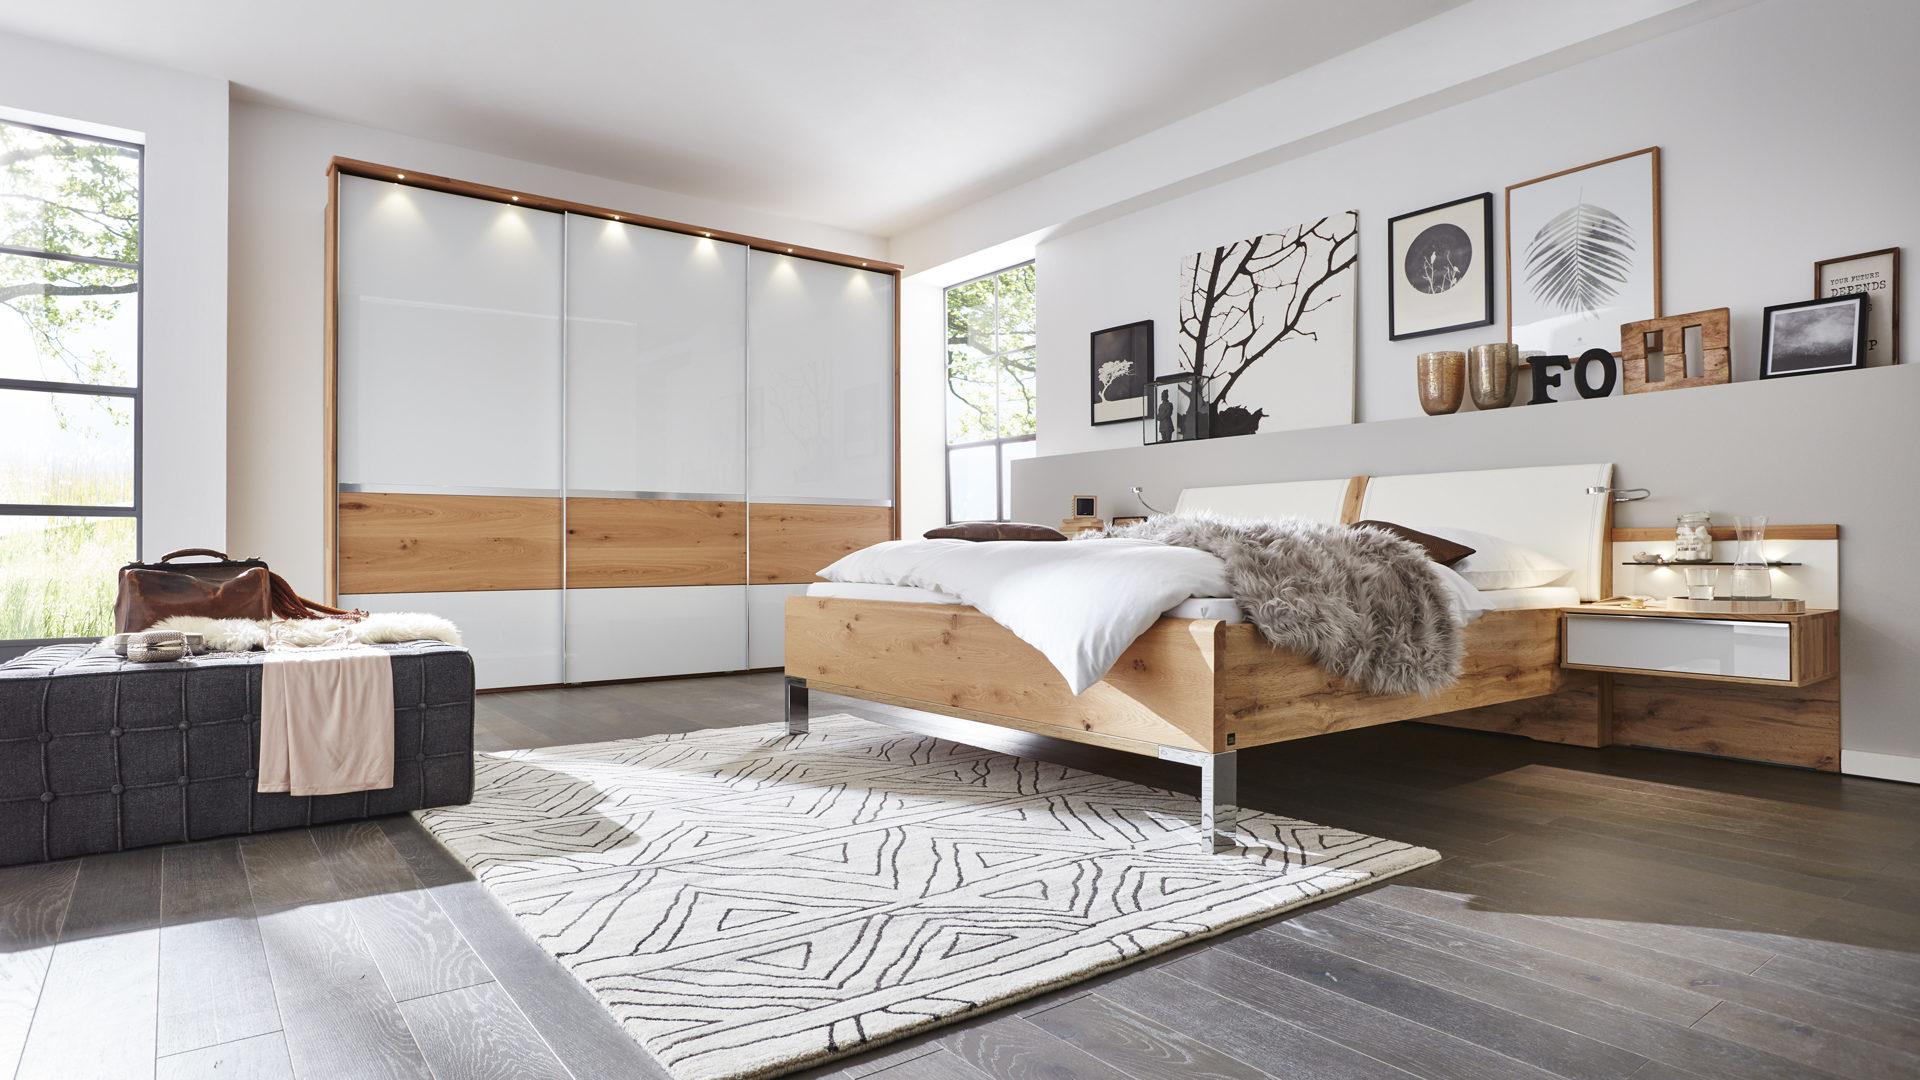 Interliving Schlafzimmer Serie 1202 – Schlafzimmerkombination ...